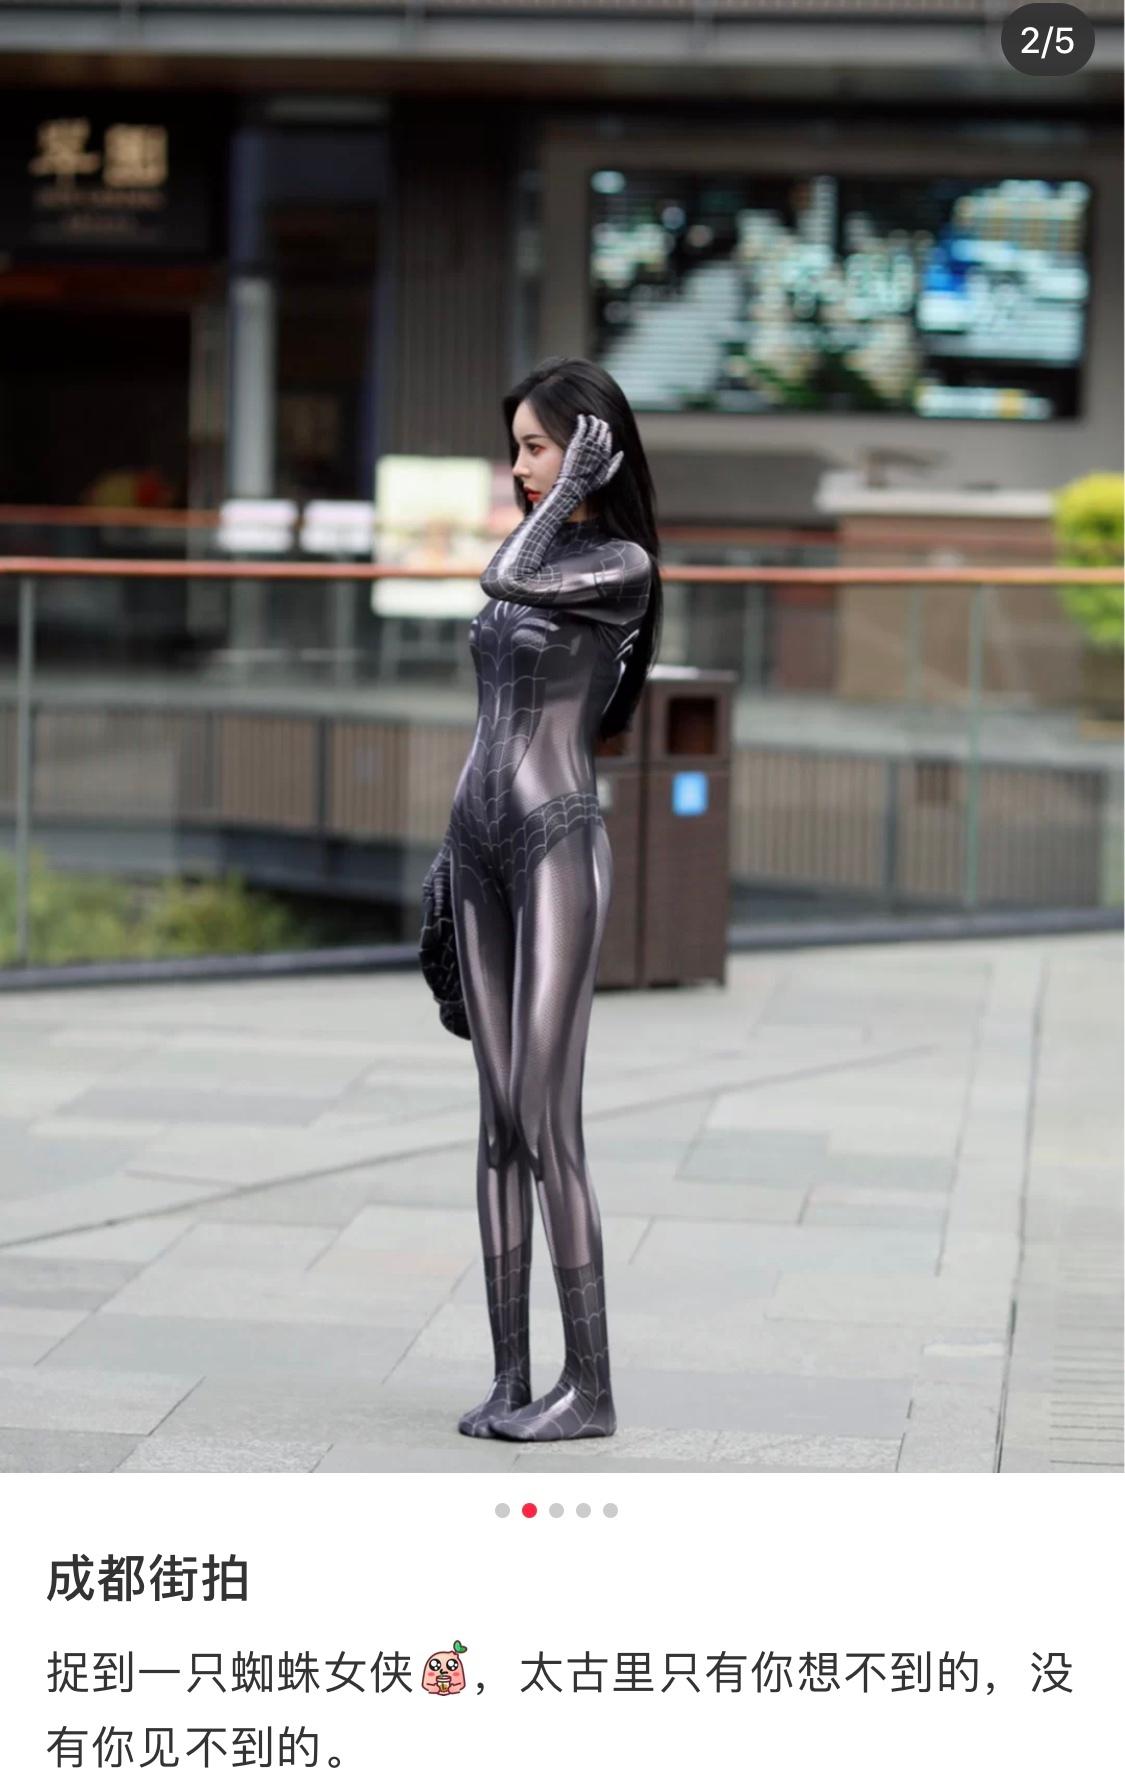 看到太古里的蜘蛛女侠,你就知道成都太古里为什么火了 liuliushe.net六六社 第3张